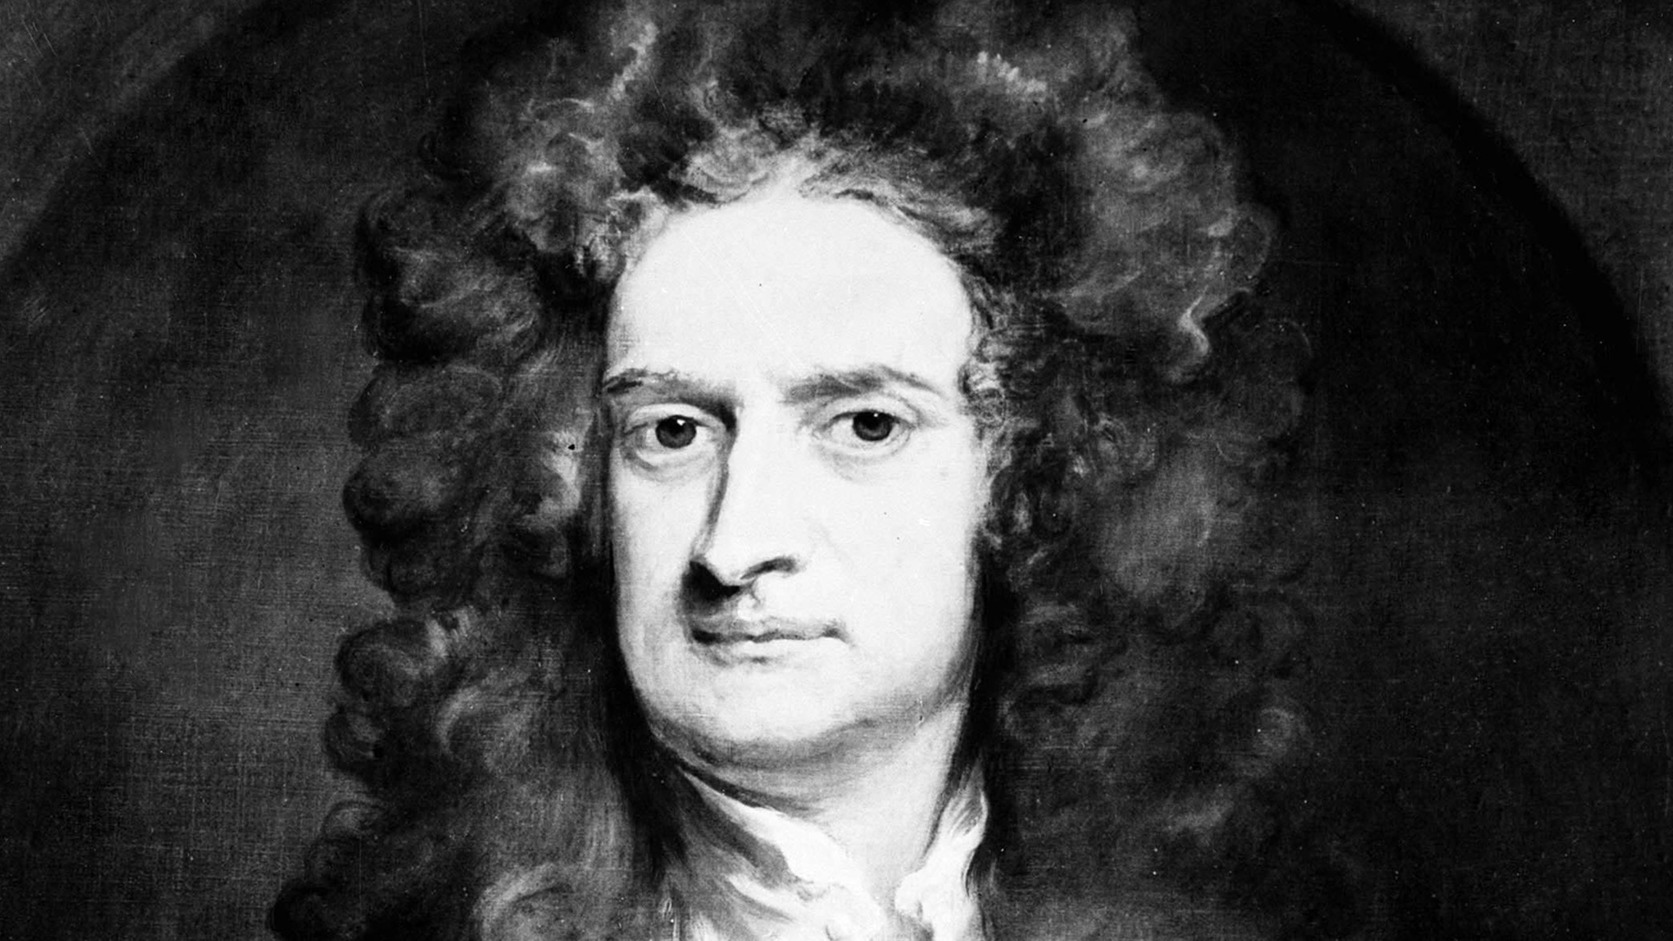 Nagy-Britannia, 1971. Sir Isaac Newton angol fizikus, matematikus, csillagász portréja. A festmény szerzője és készítésének időpontja ismeretlen, a reprodukció 1971-ben készült. (MTI/CP)